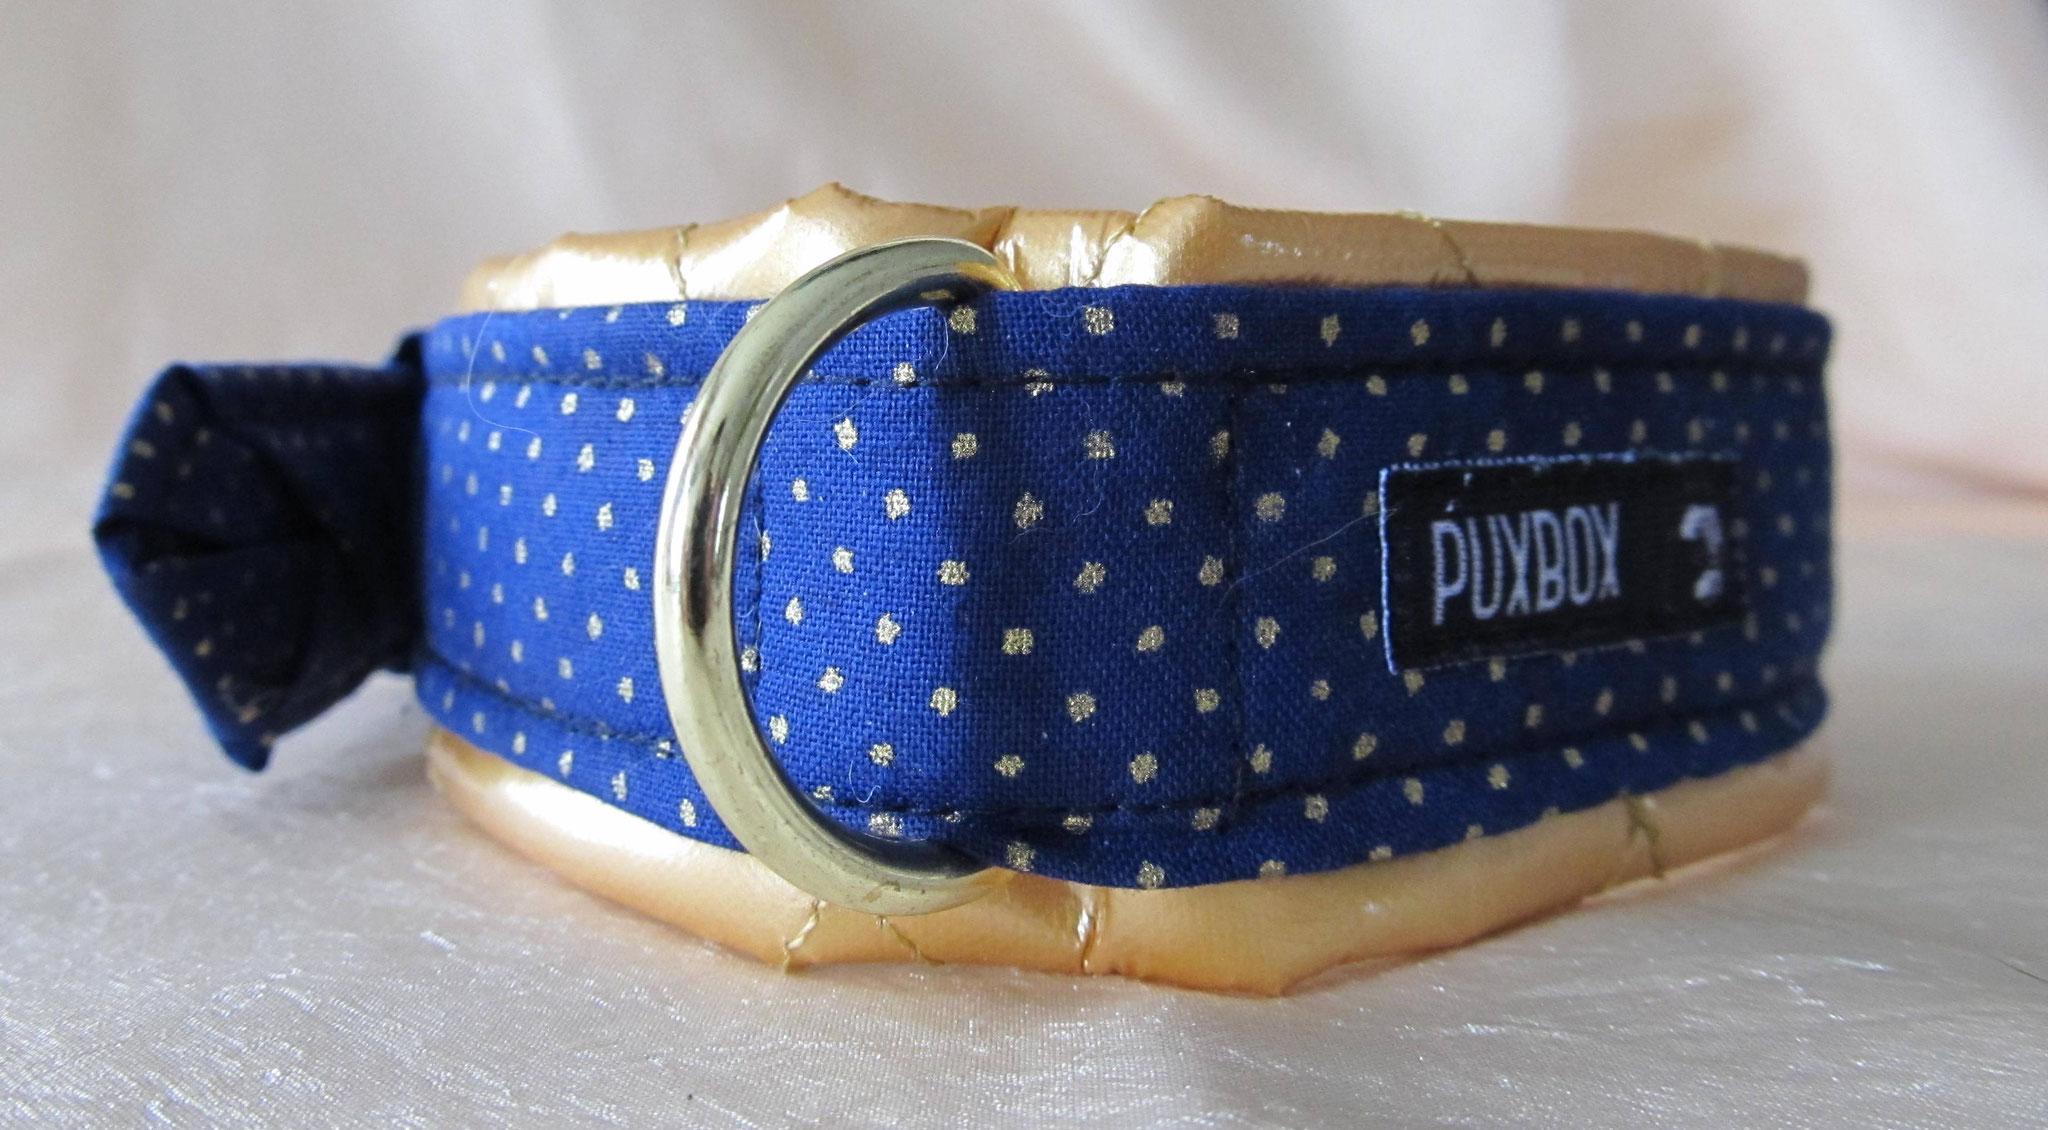 Blaues goldgepunktetes Halsband mit Lackstoff unterlegt, Breite 4 cm, Halsumfang 52 cm, Preis 61,00 €